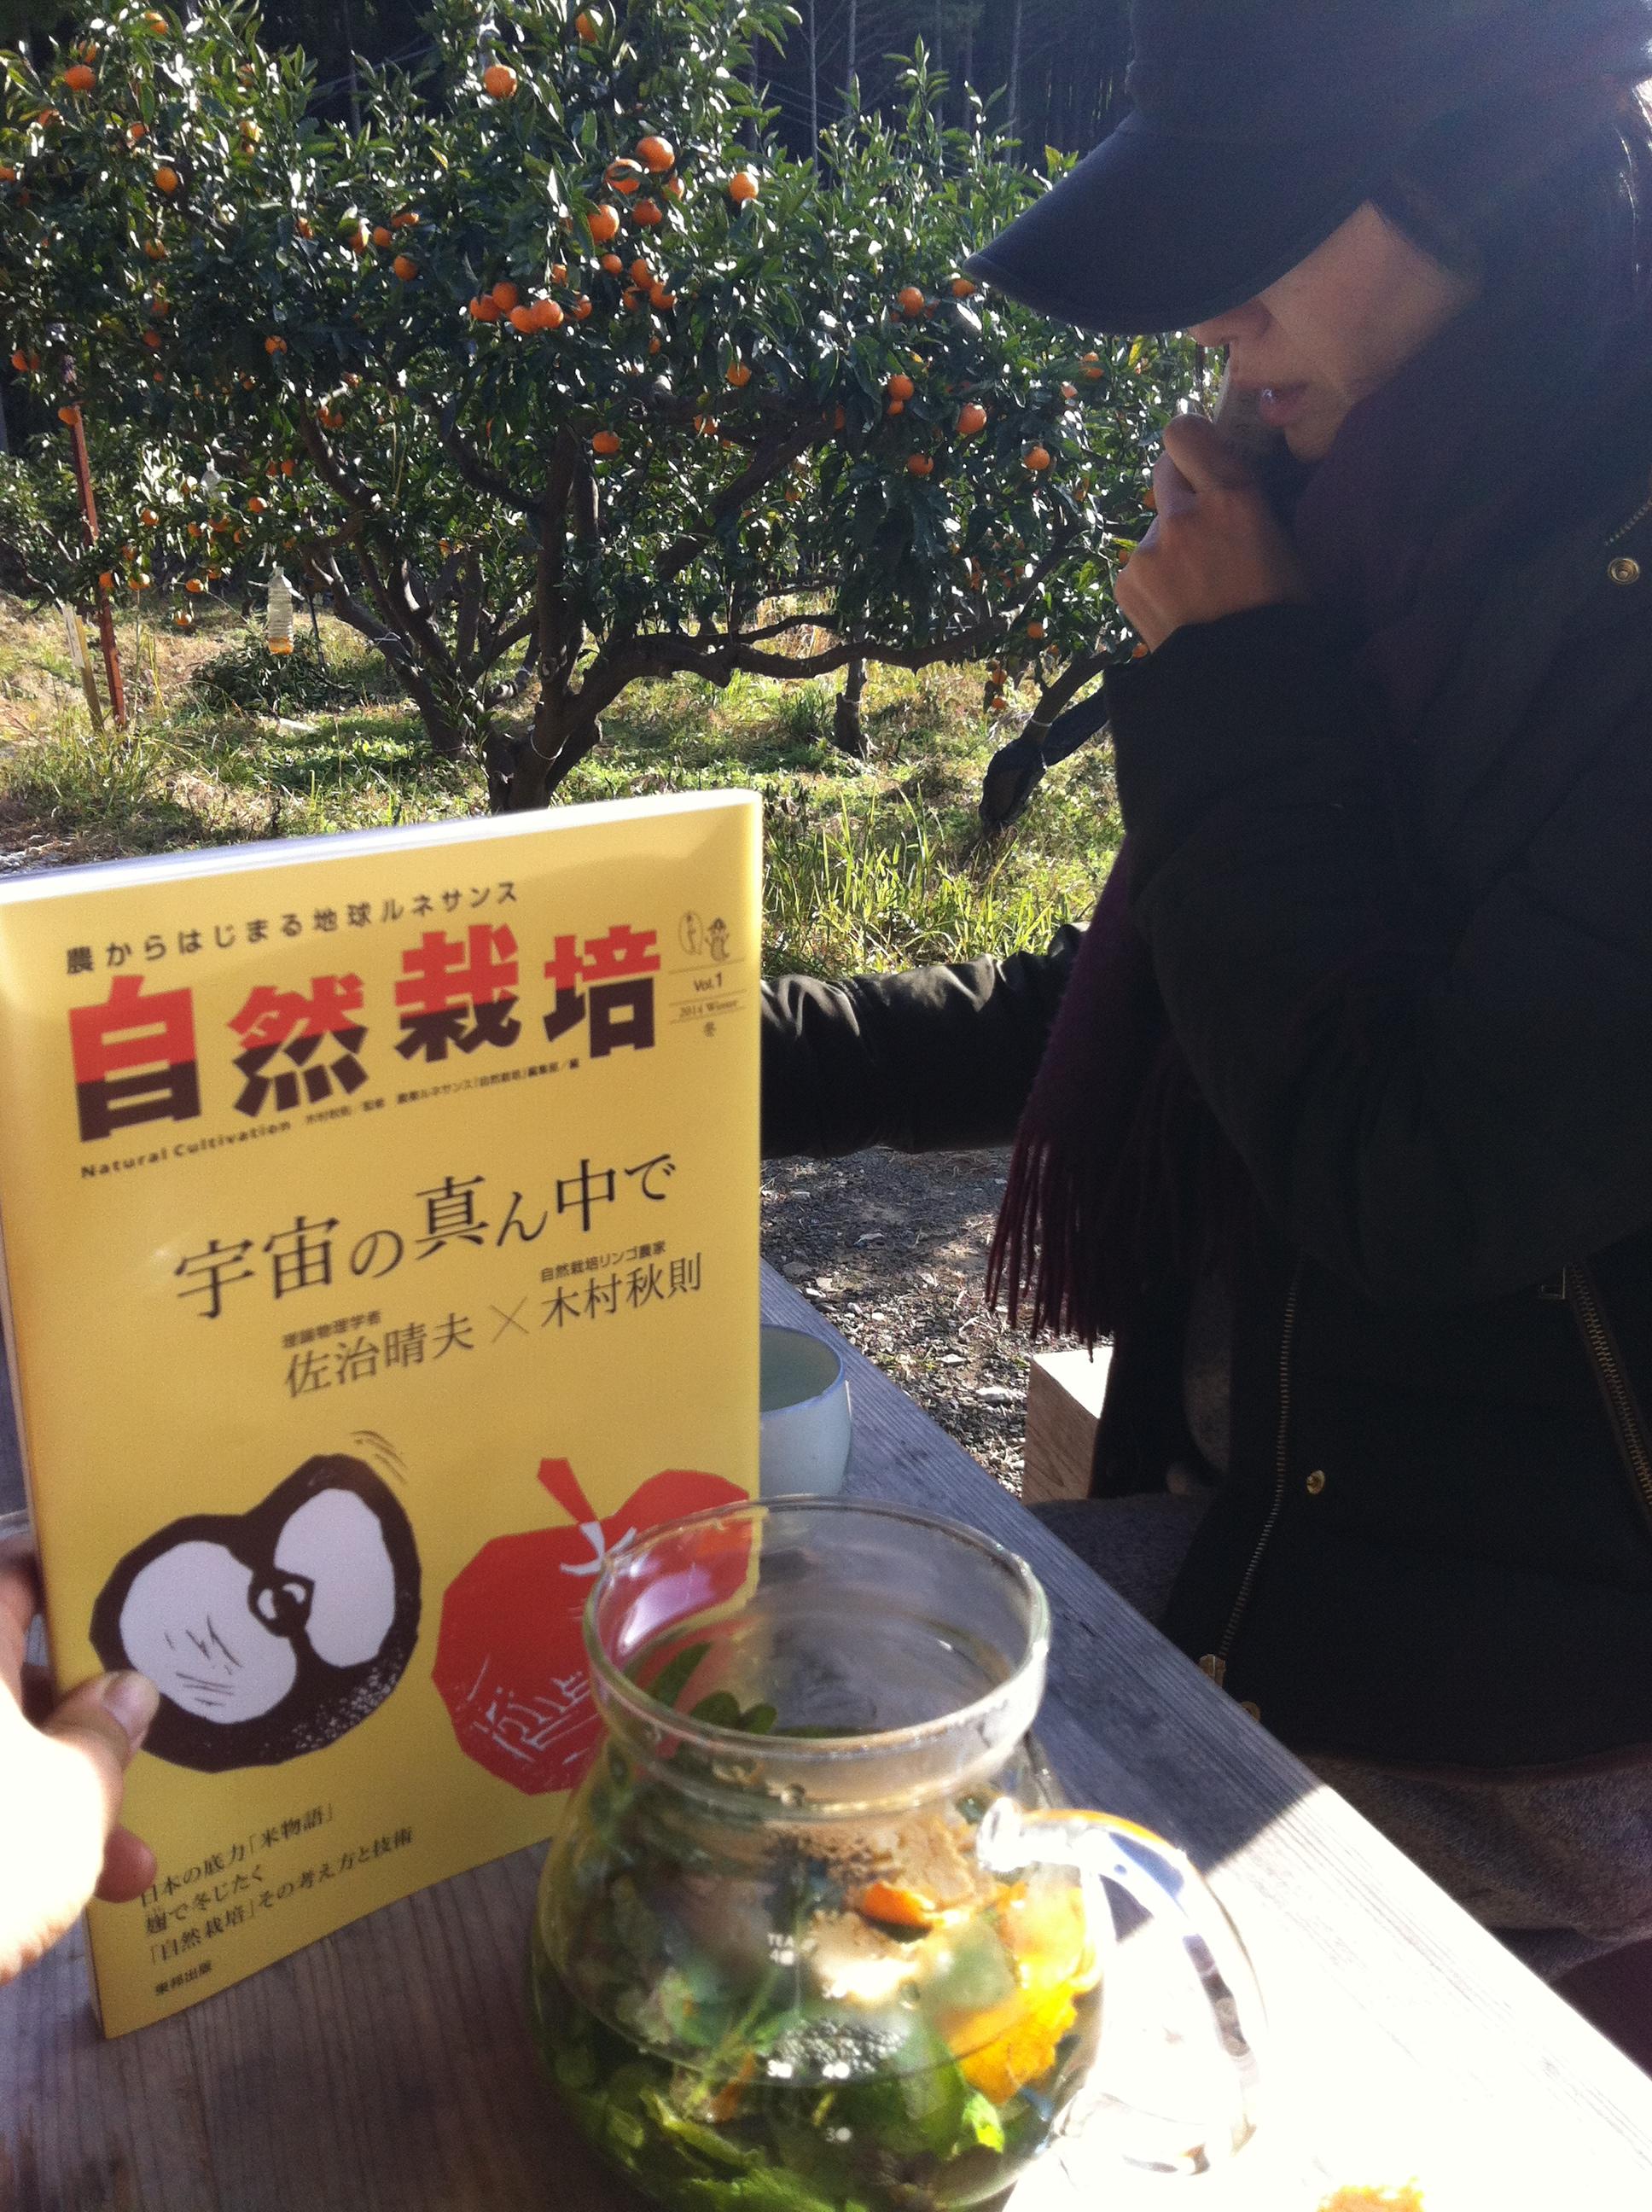 「 しあわせみかん山、全国雑誌デビュー! 」